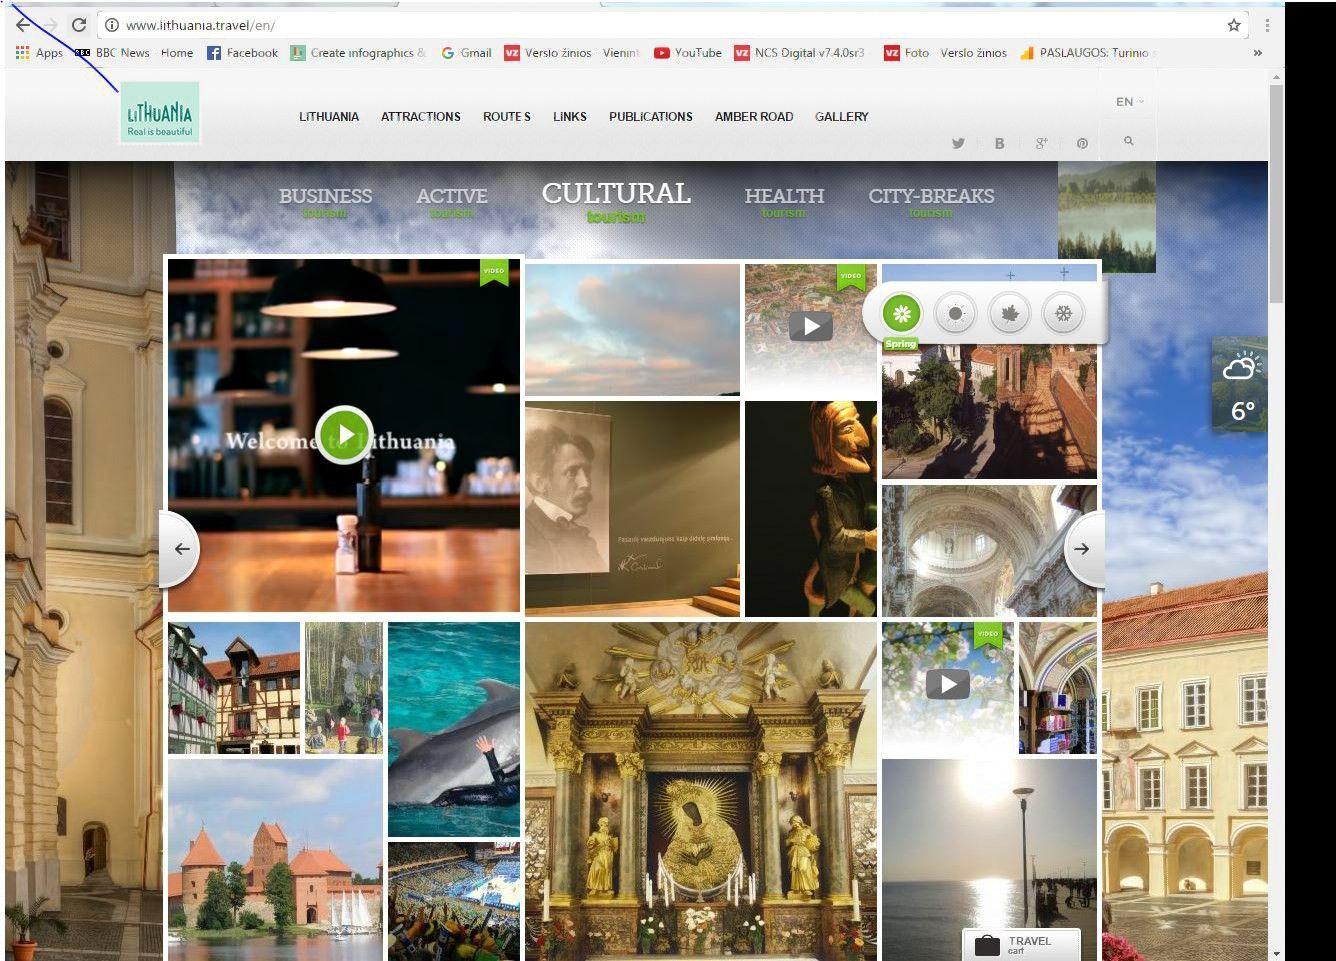 Dėl užsakymo sukurti Lietuvos turizmo svetainę varžosi 8 dalyviai